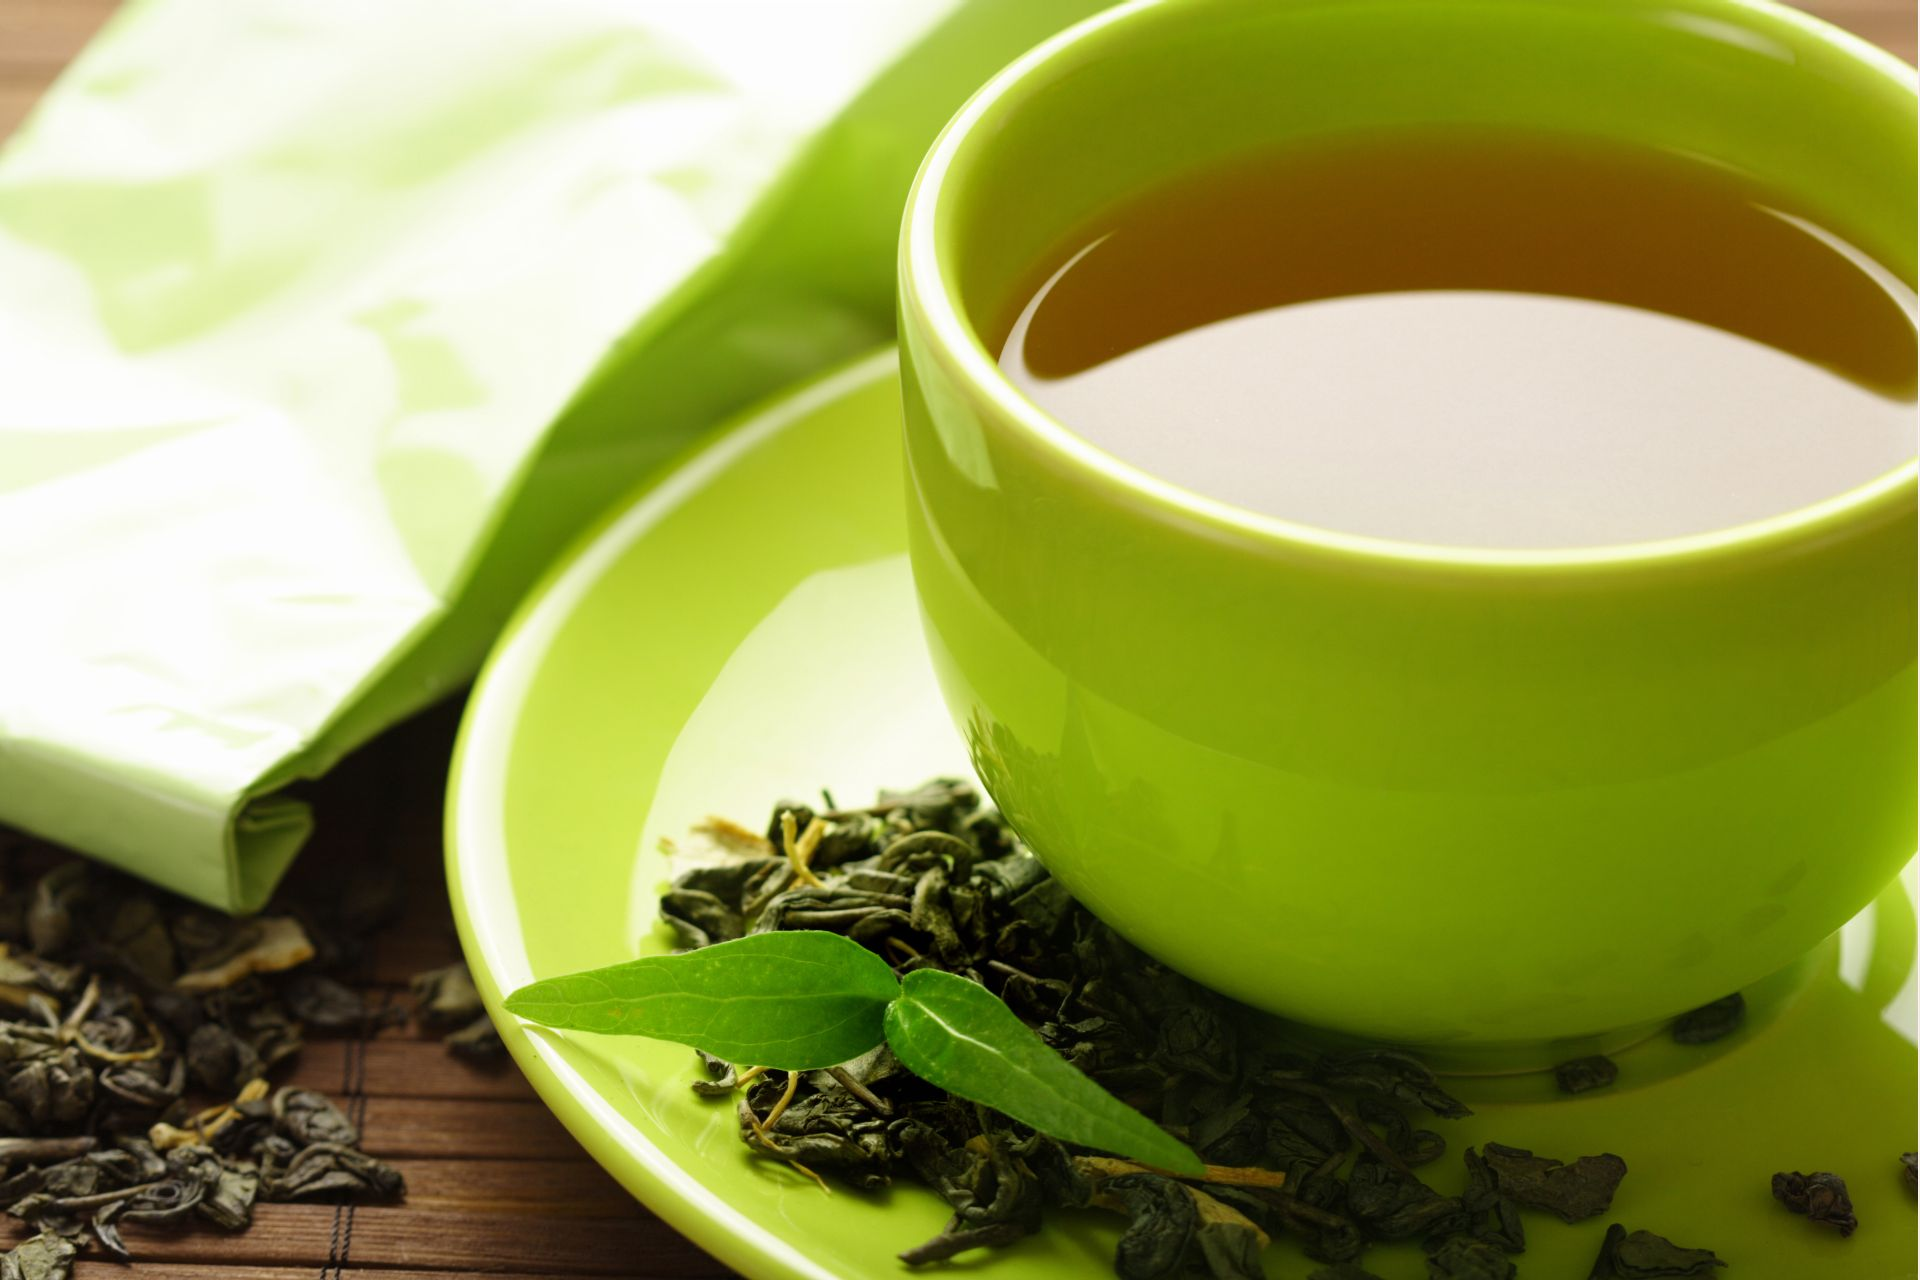 Chá ajuda a diminuir a retenção líquida. Foto: Bigstock